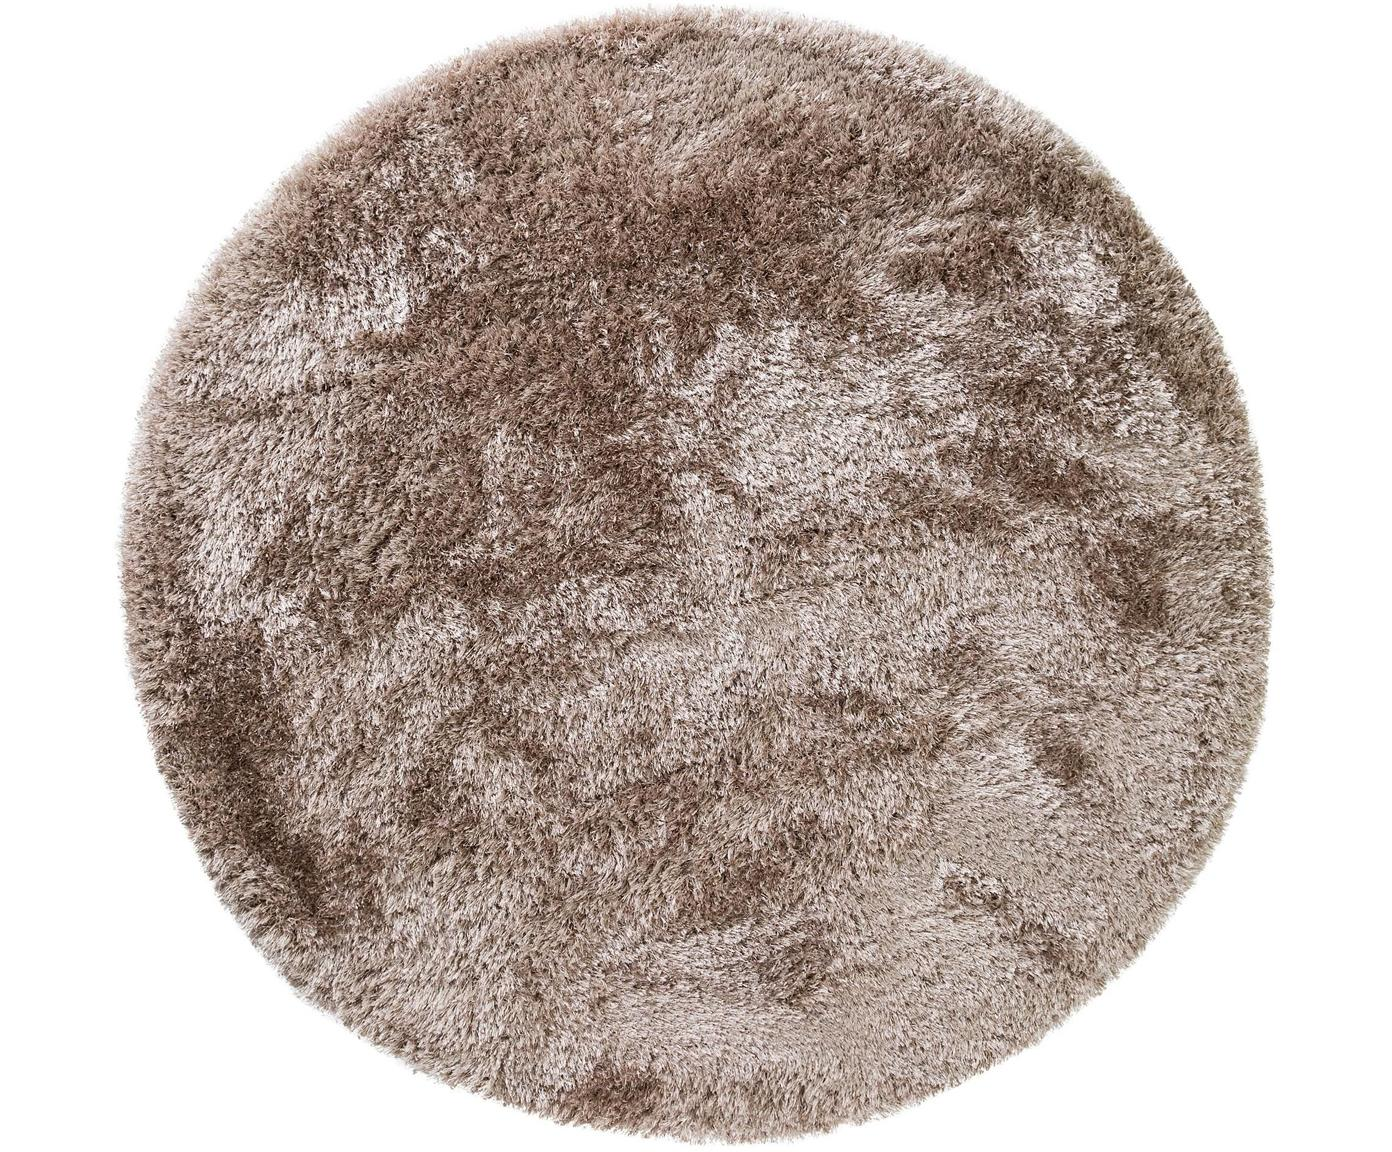 Glänzender Hochflor-Teppich Lea in Beige, rund, 50% Polyester, 50% Polypropylen, Beige, Ø 120 cm (Größe S)